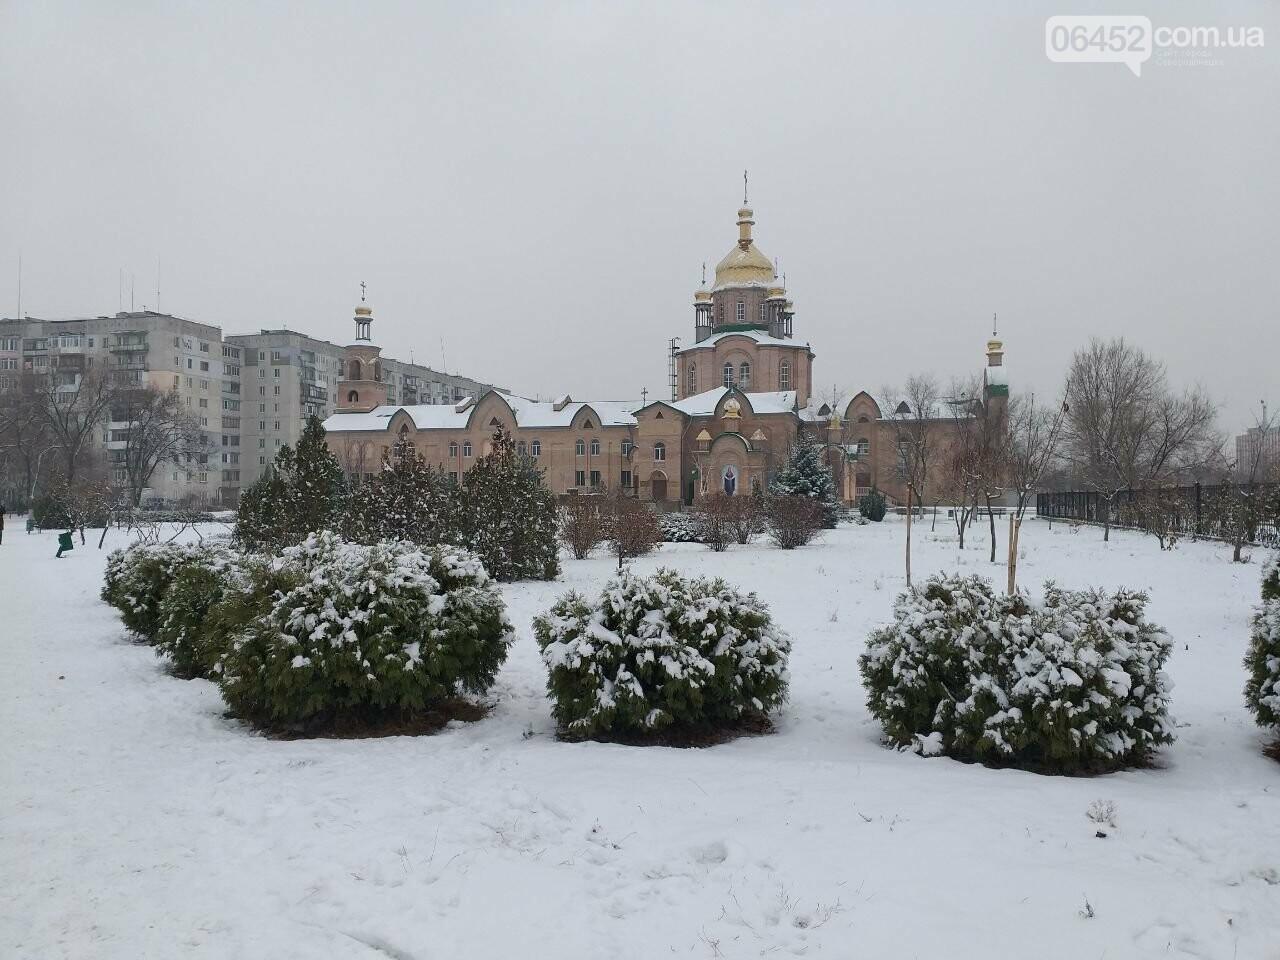 Заснеженный город: в Северодонецк пришла настоящая зимняя сказка (фото) , фото-38